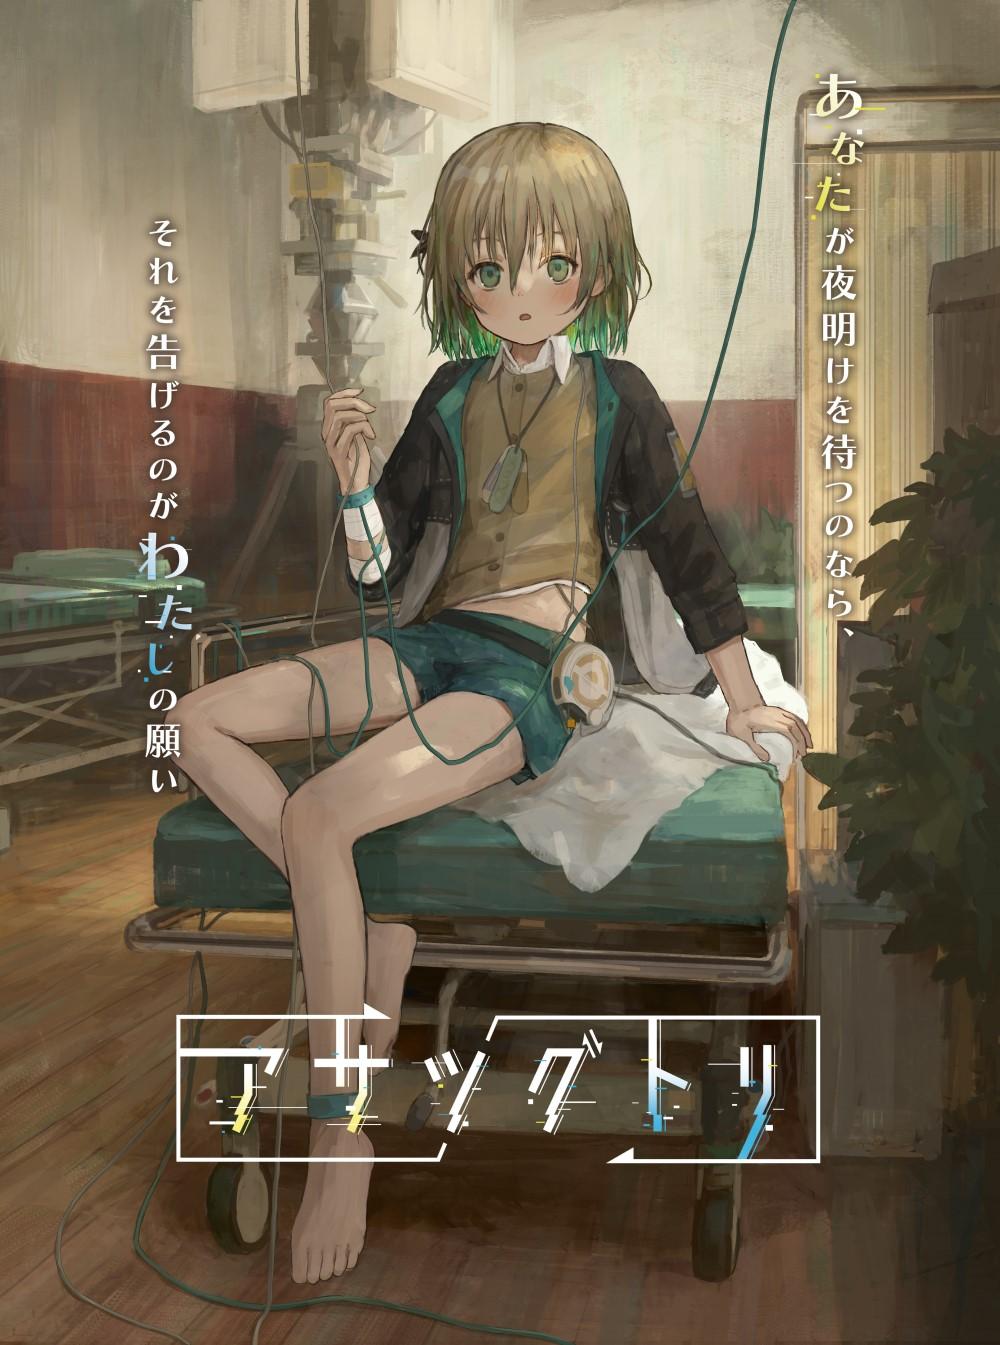 日本一新作《アサツグトリ》11月25日发售,首段预告公布